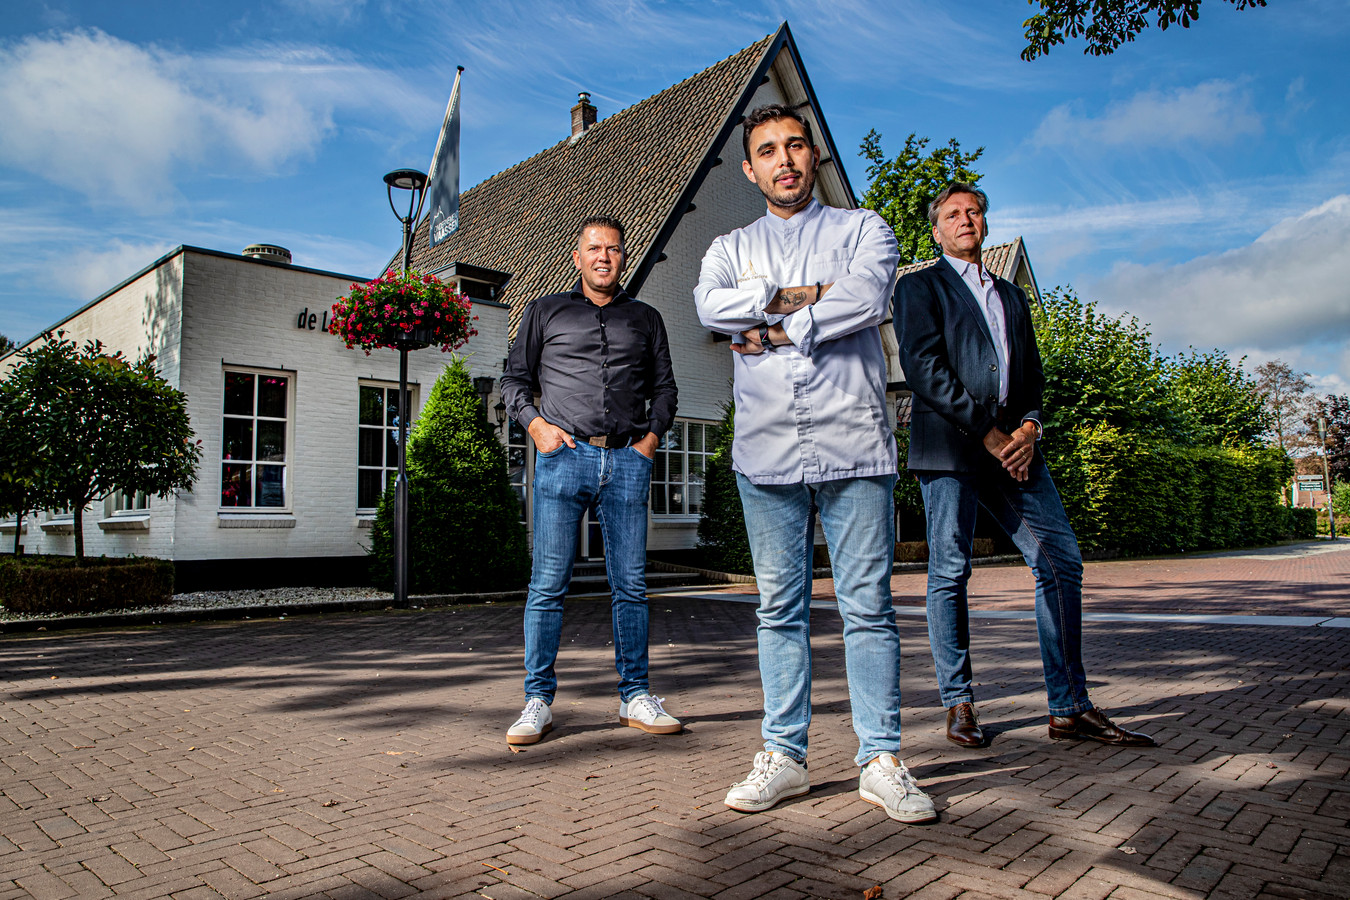 Sterrenrestaurant De Leest in Vaassen. Sterrenkok Jacob Jan Boerma (links) heeft het pand verkocht aan Jan Leune (rechts), wiens schoonzoon chef Pasquale Carfora de leiding over de keuken krijgt.